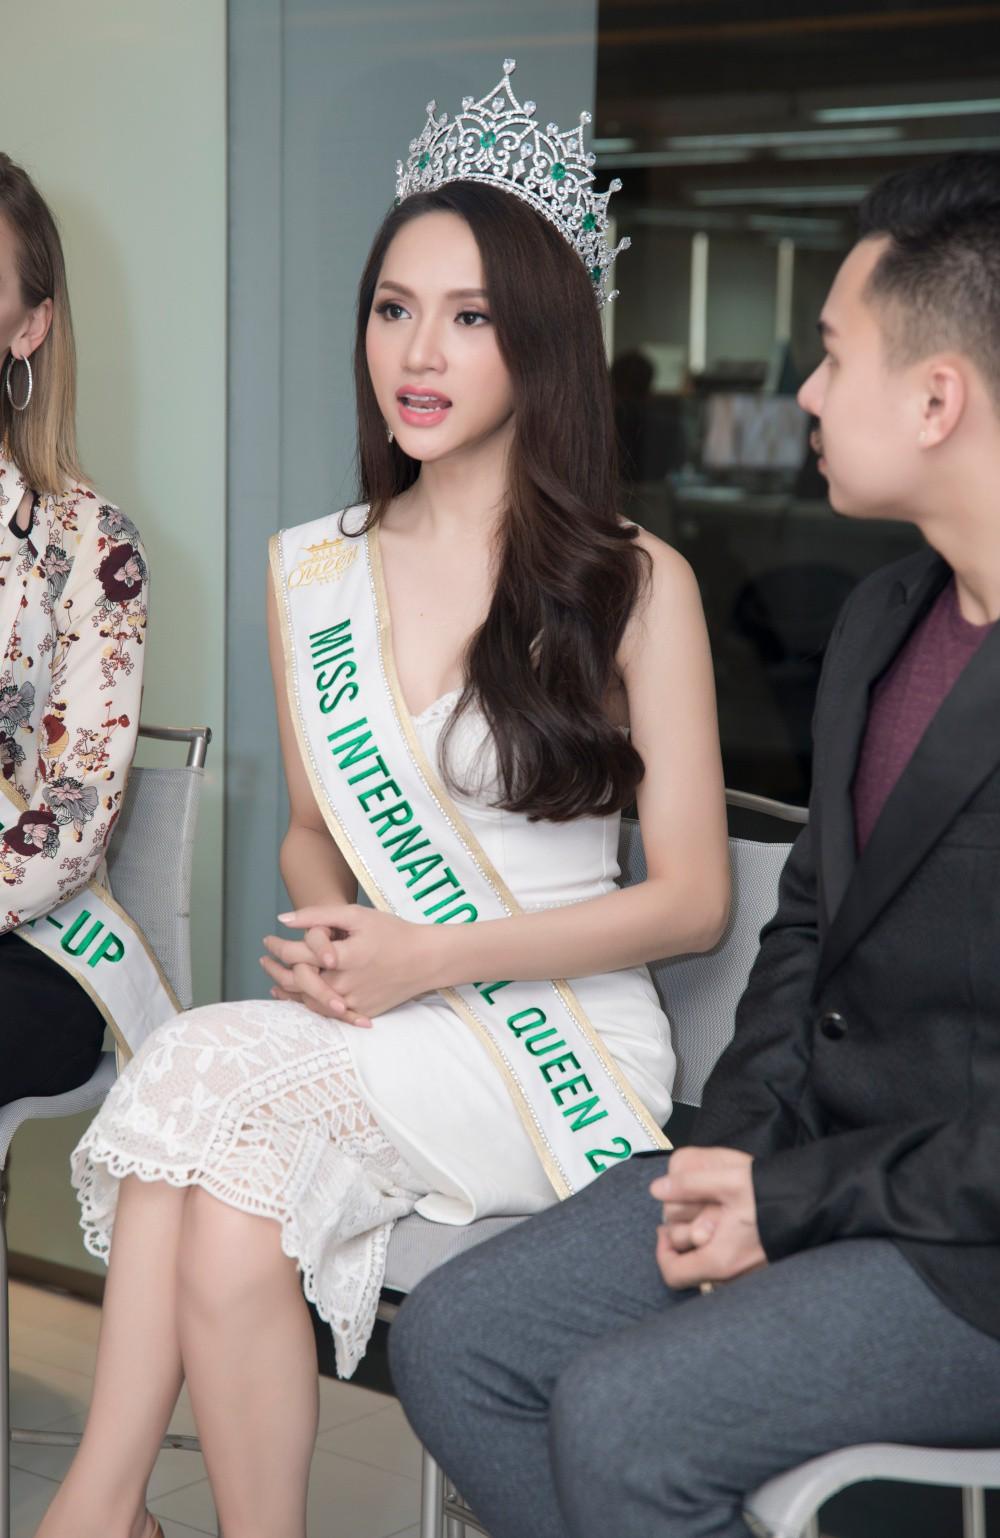 Clip: Hương Giang nói gì trước quan điểm người chuyển giới dù đẹp mức nào cũng không phải là con gái? - Ảnh 6.